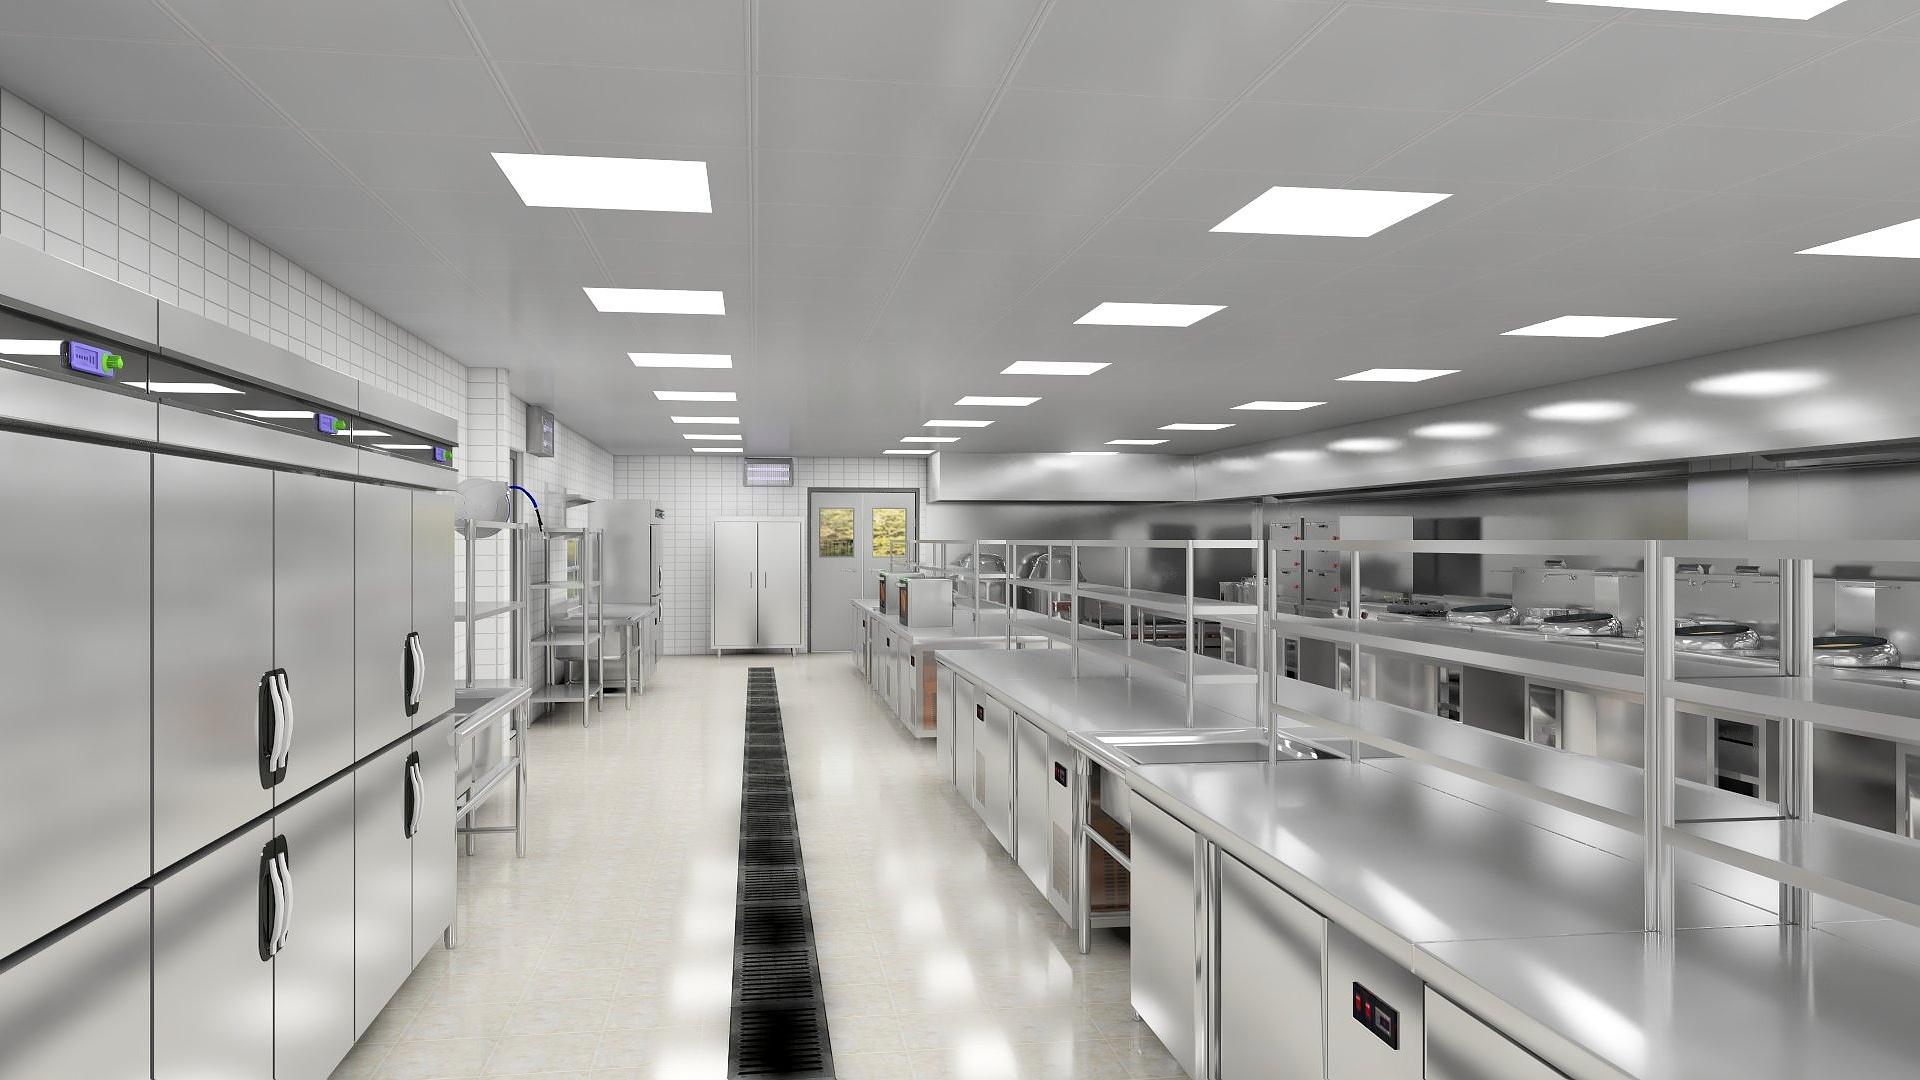 商用厨房设计-商用厨房设计要求及条件!